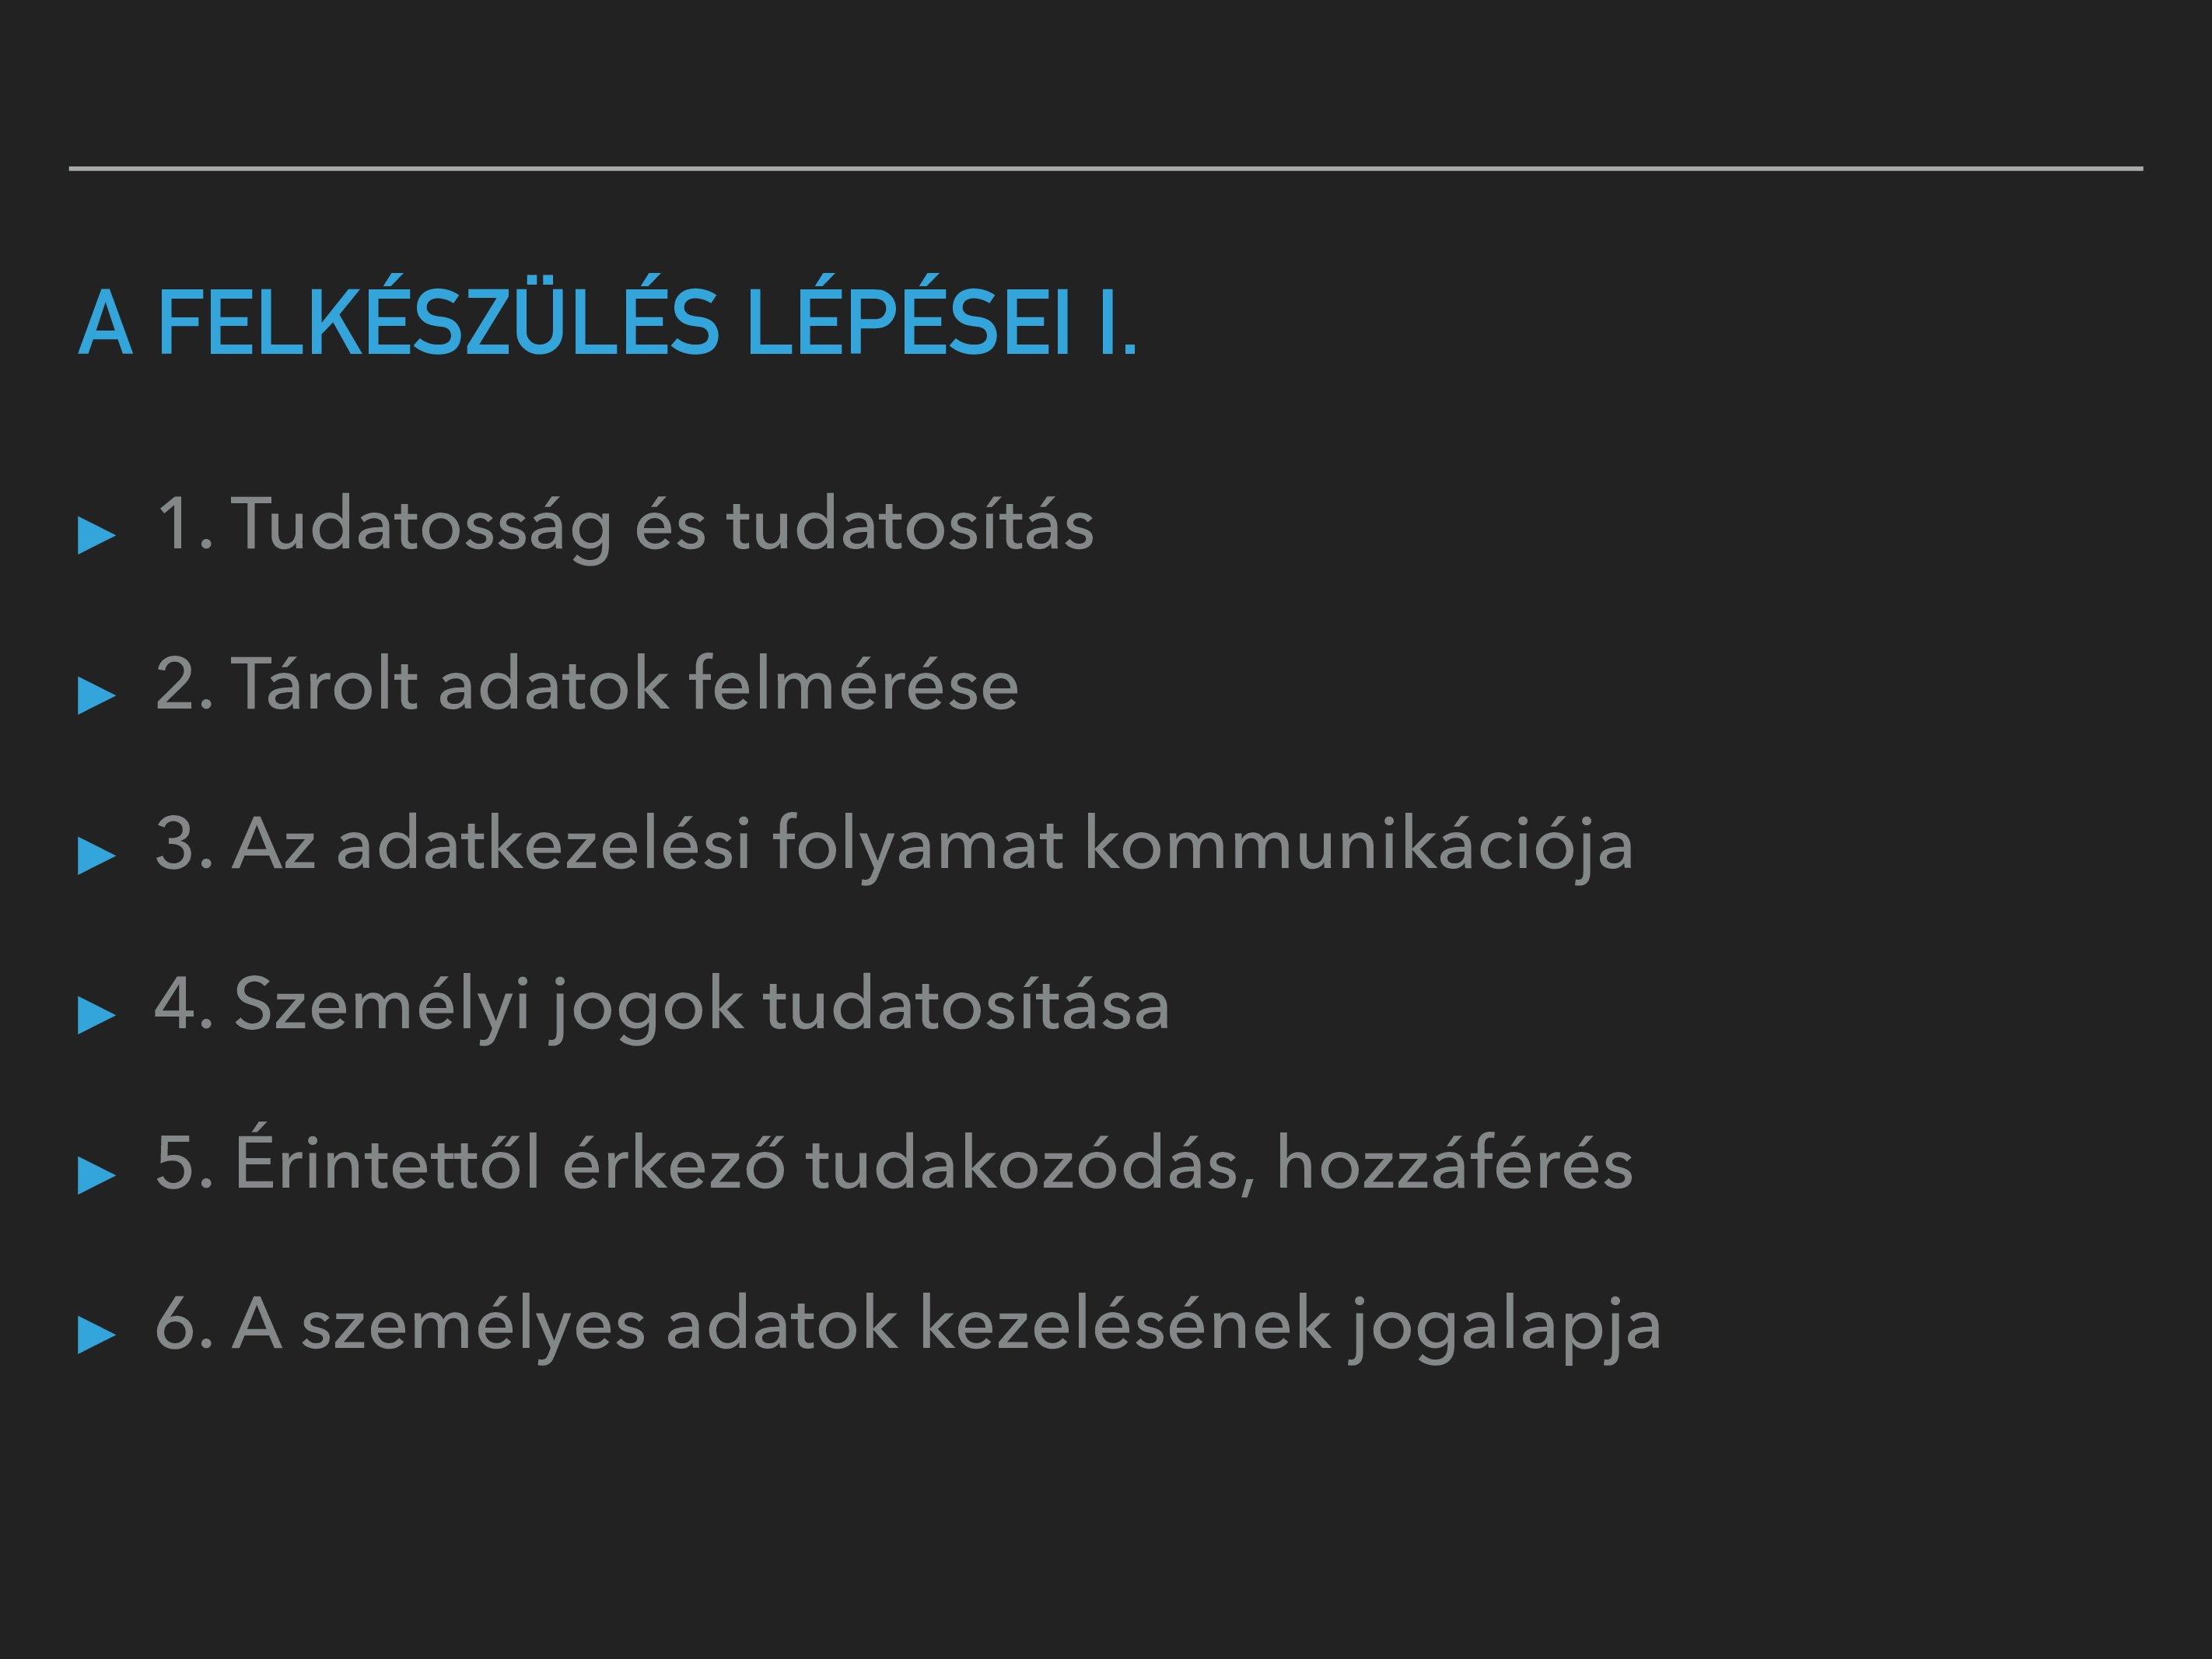 gdpr_prezenta_ci_fazakas_l_szl_004.jpg